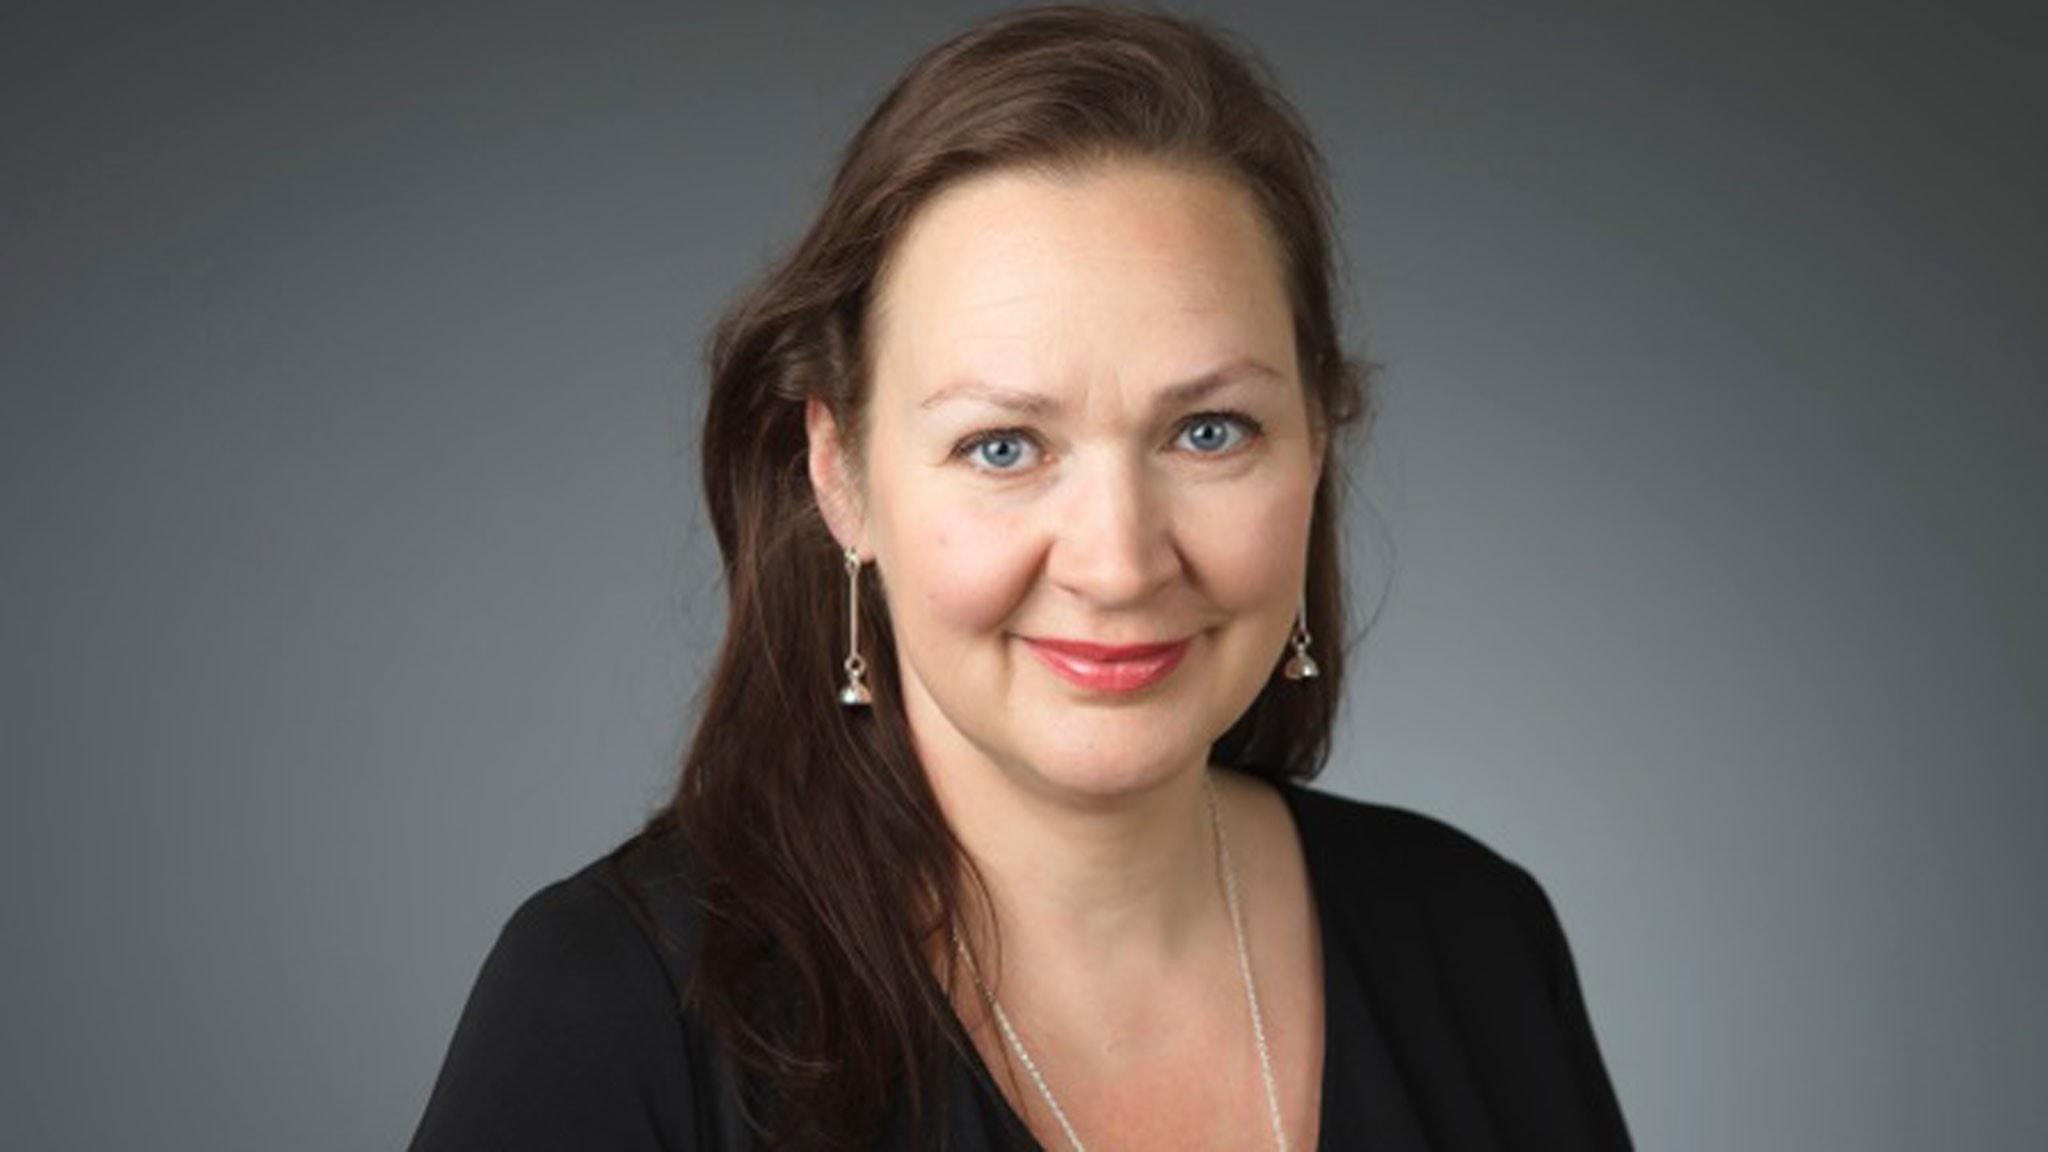 Annelie Bränström-Öhman - Invintring